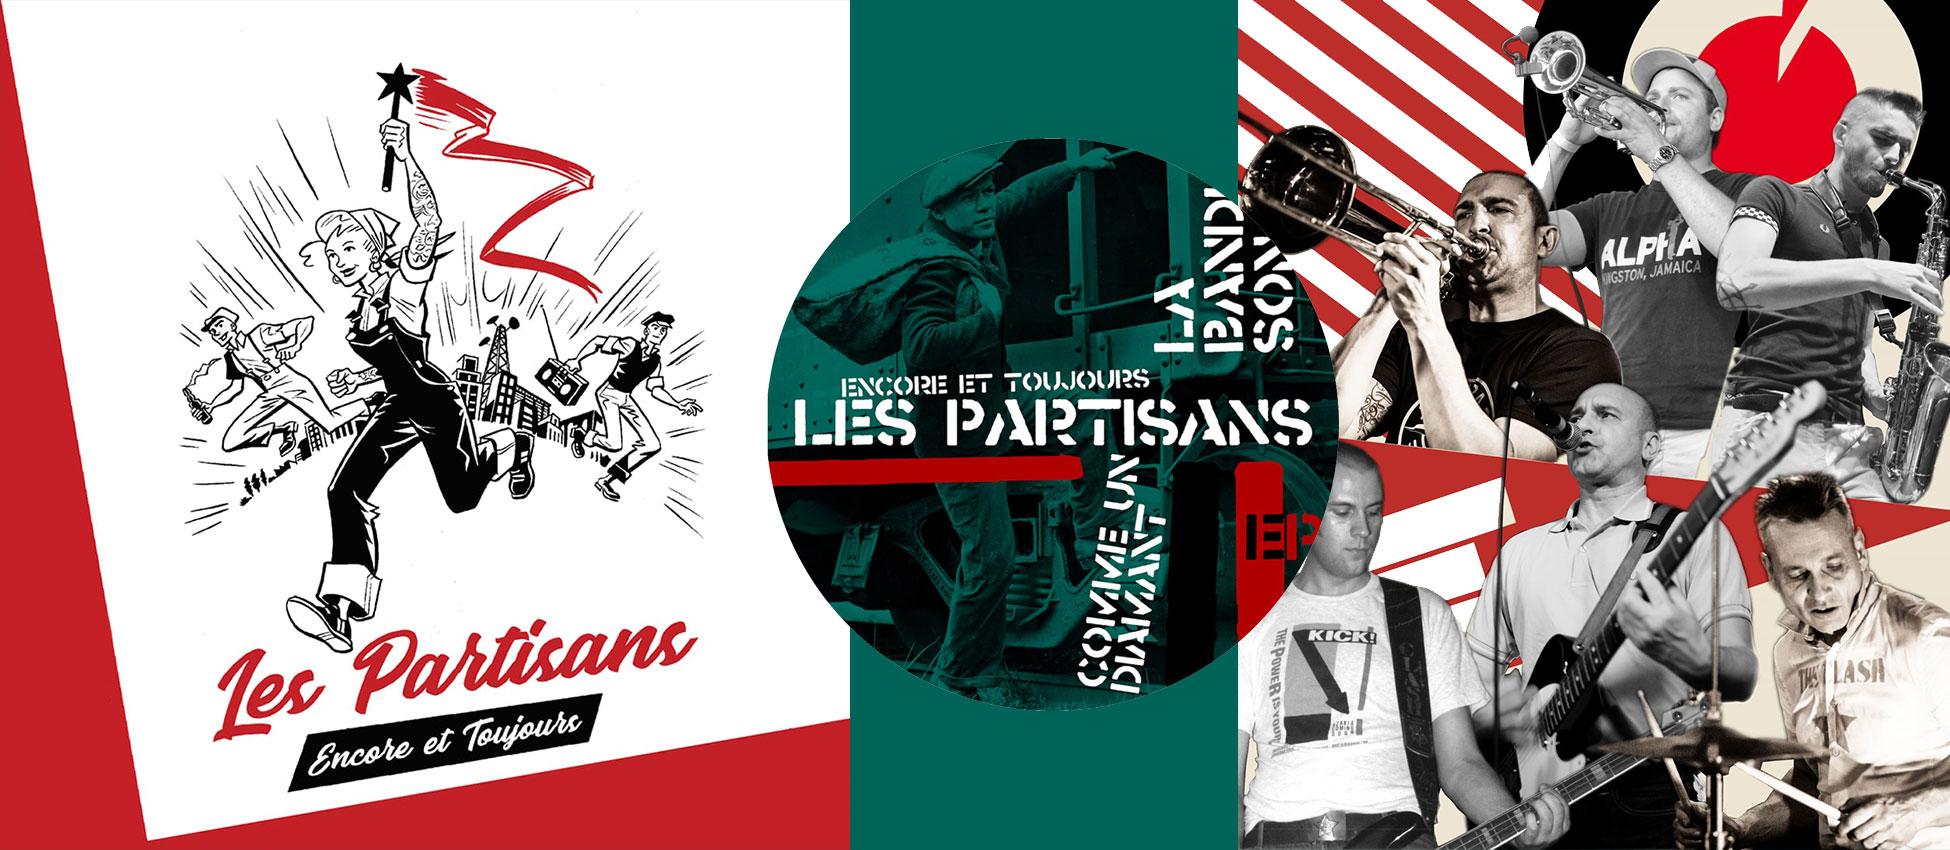 [FFM069] Les Partisans – Encore et Toujours Pic.-7″